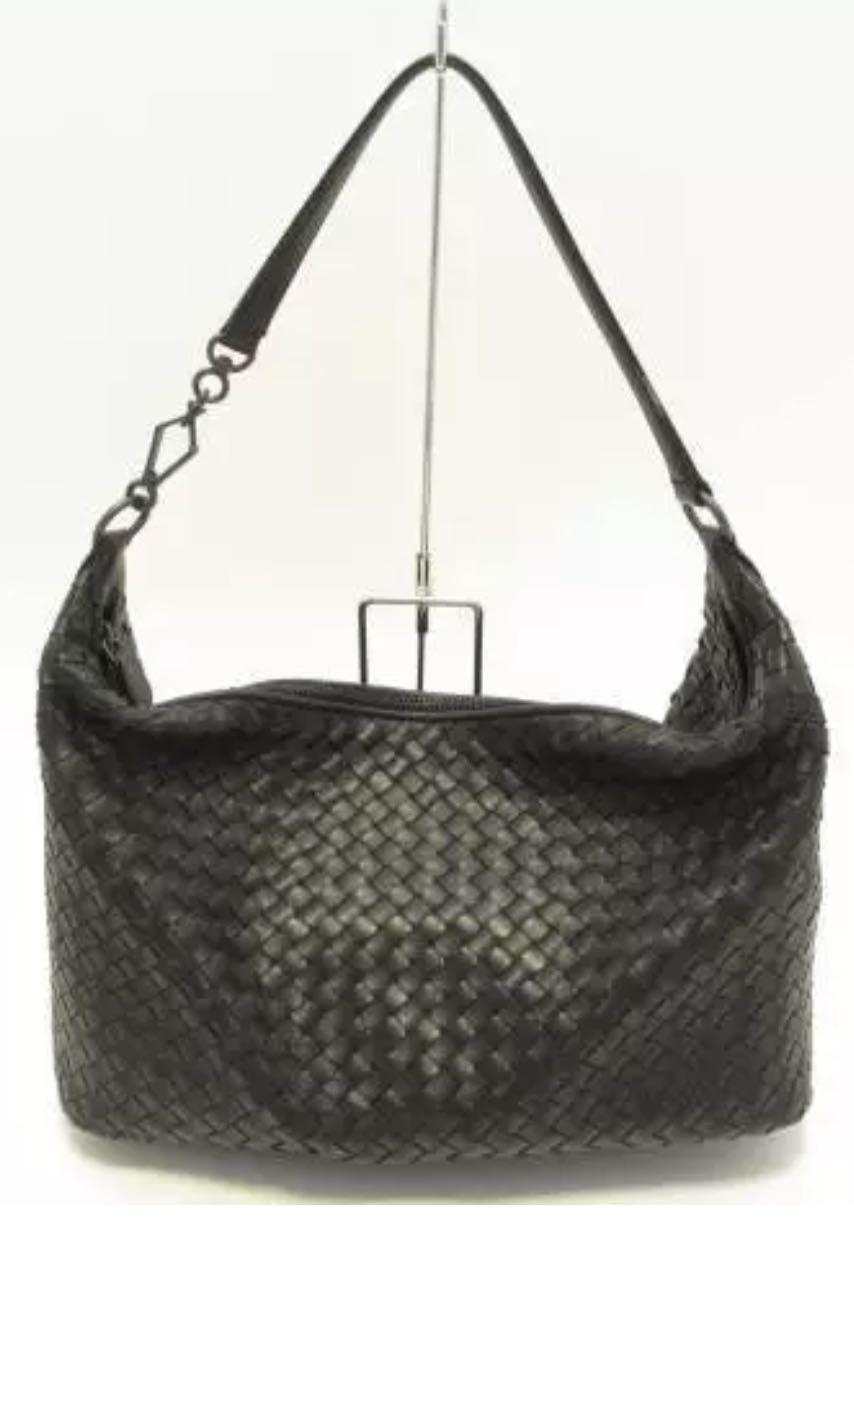 4697ea9dc0 Authentic Bottega Veneta bag